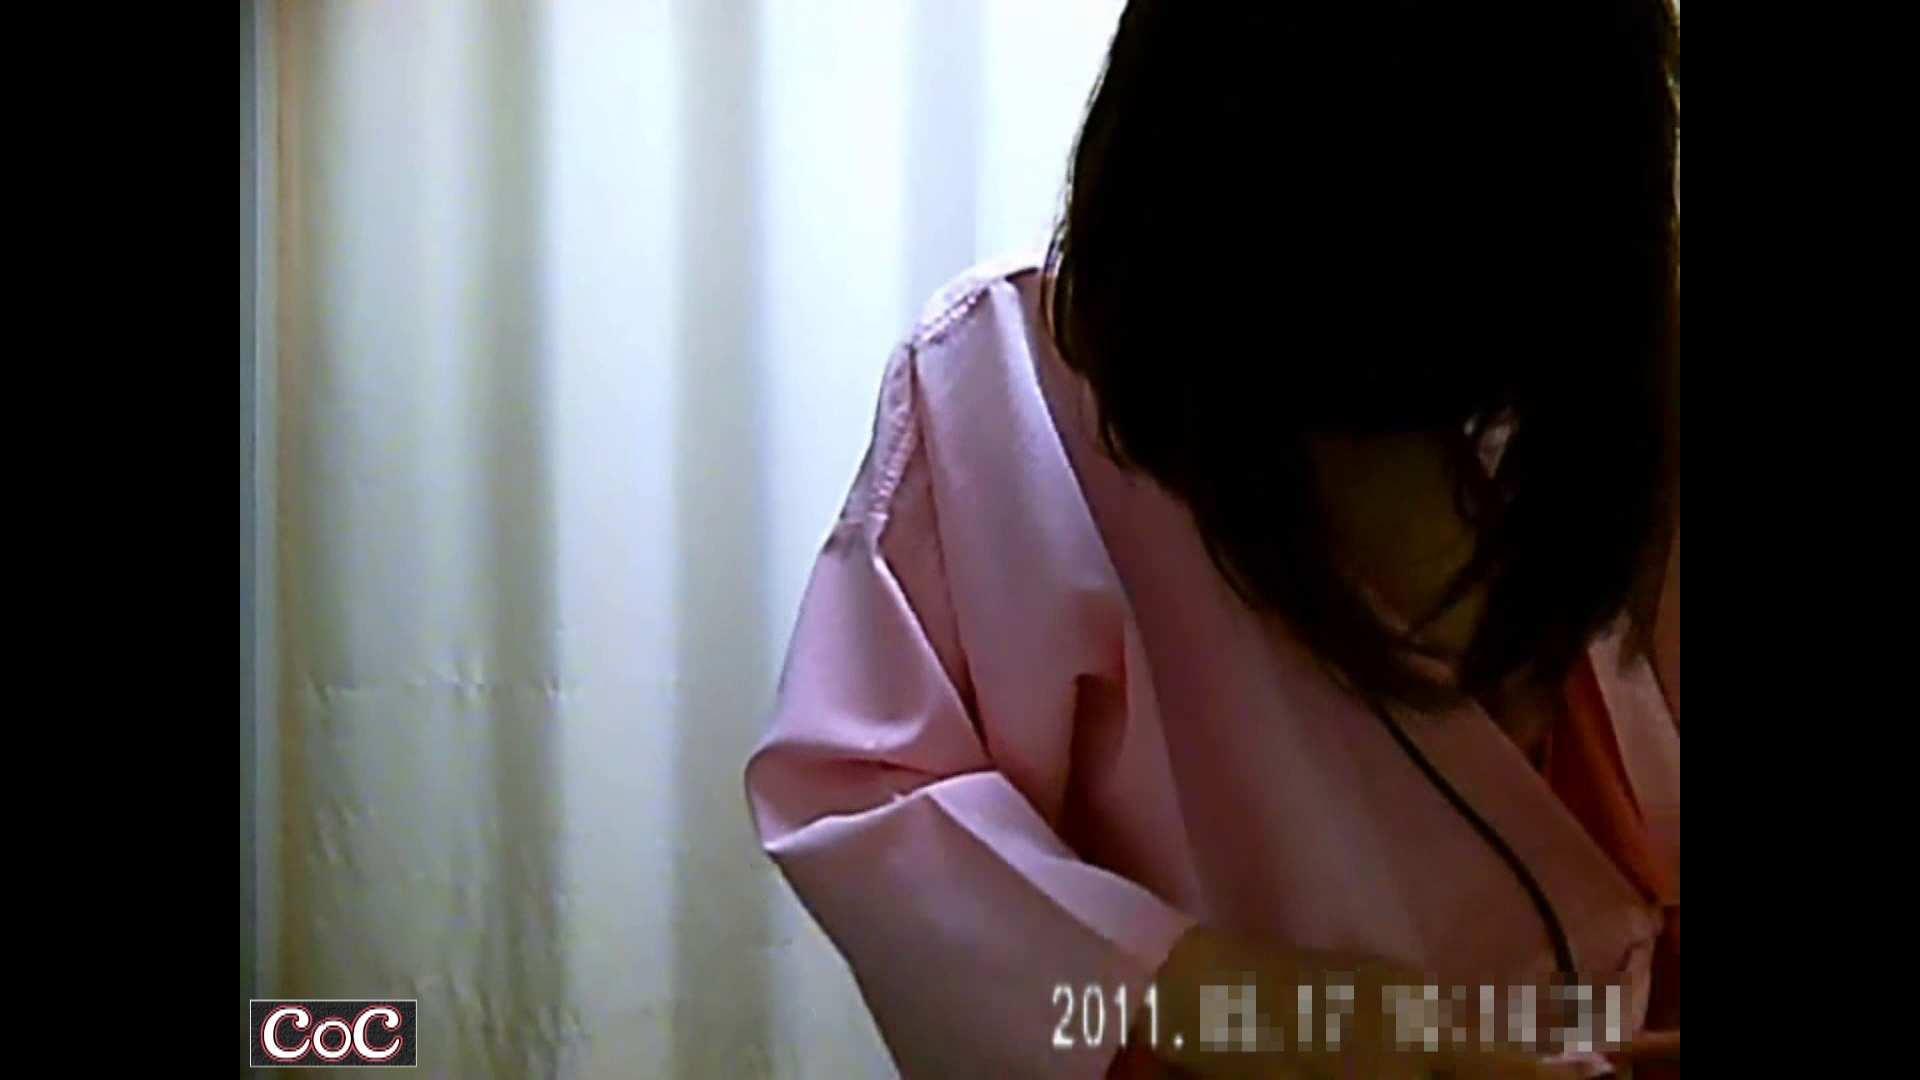 元医者による反抗 更衣室地獄絵巻 vol.161 OLハメ撮り  100Pix 27